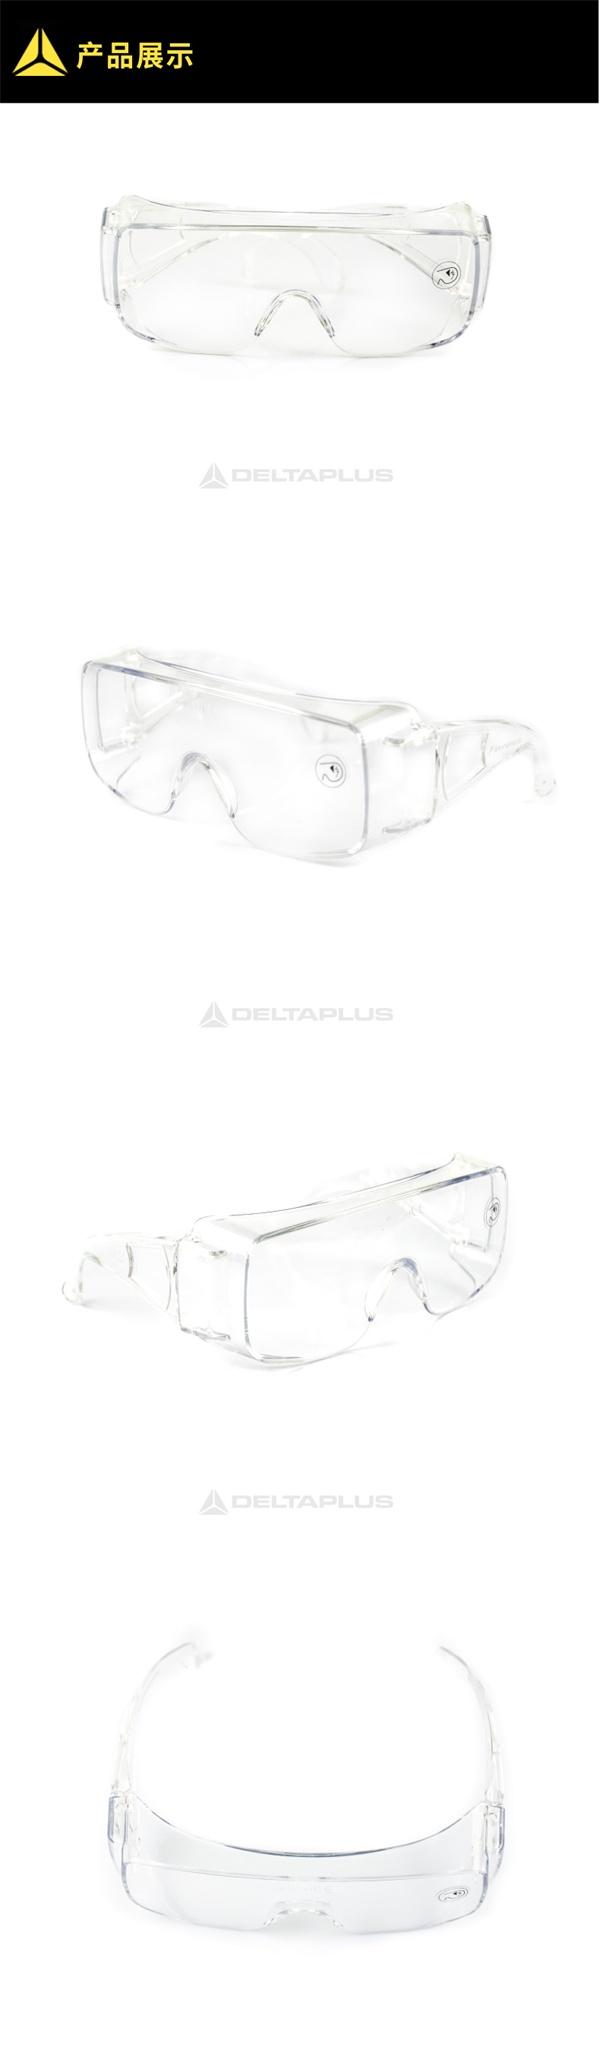 在您成功下单后,表示您已成为迈易斯的会员,在为您提供代尔塔101131 防雾整片式安全防护眼镜产品的同时,迈易斯将为您提供便代尔塔101131,代尔塔101131 防雾整片式安全防护眼镜等相关产品的优质售后服务。